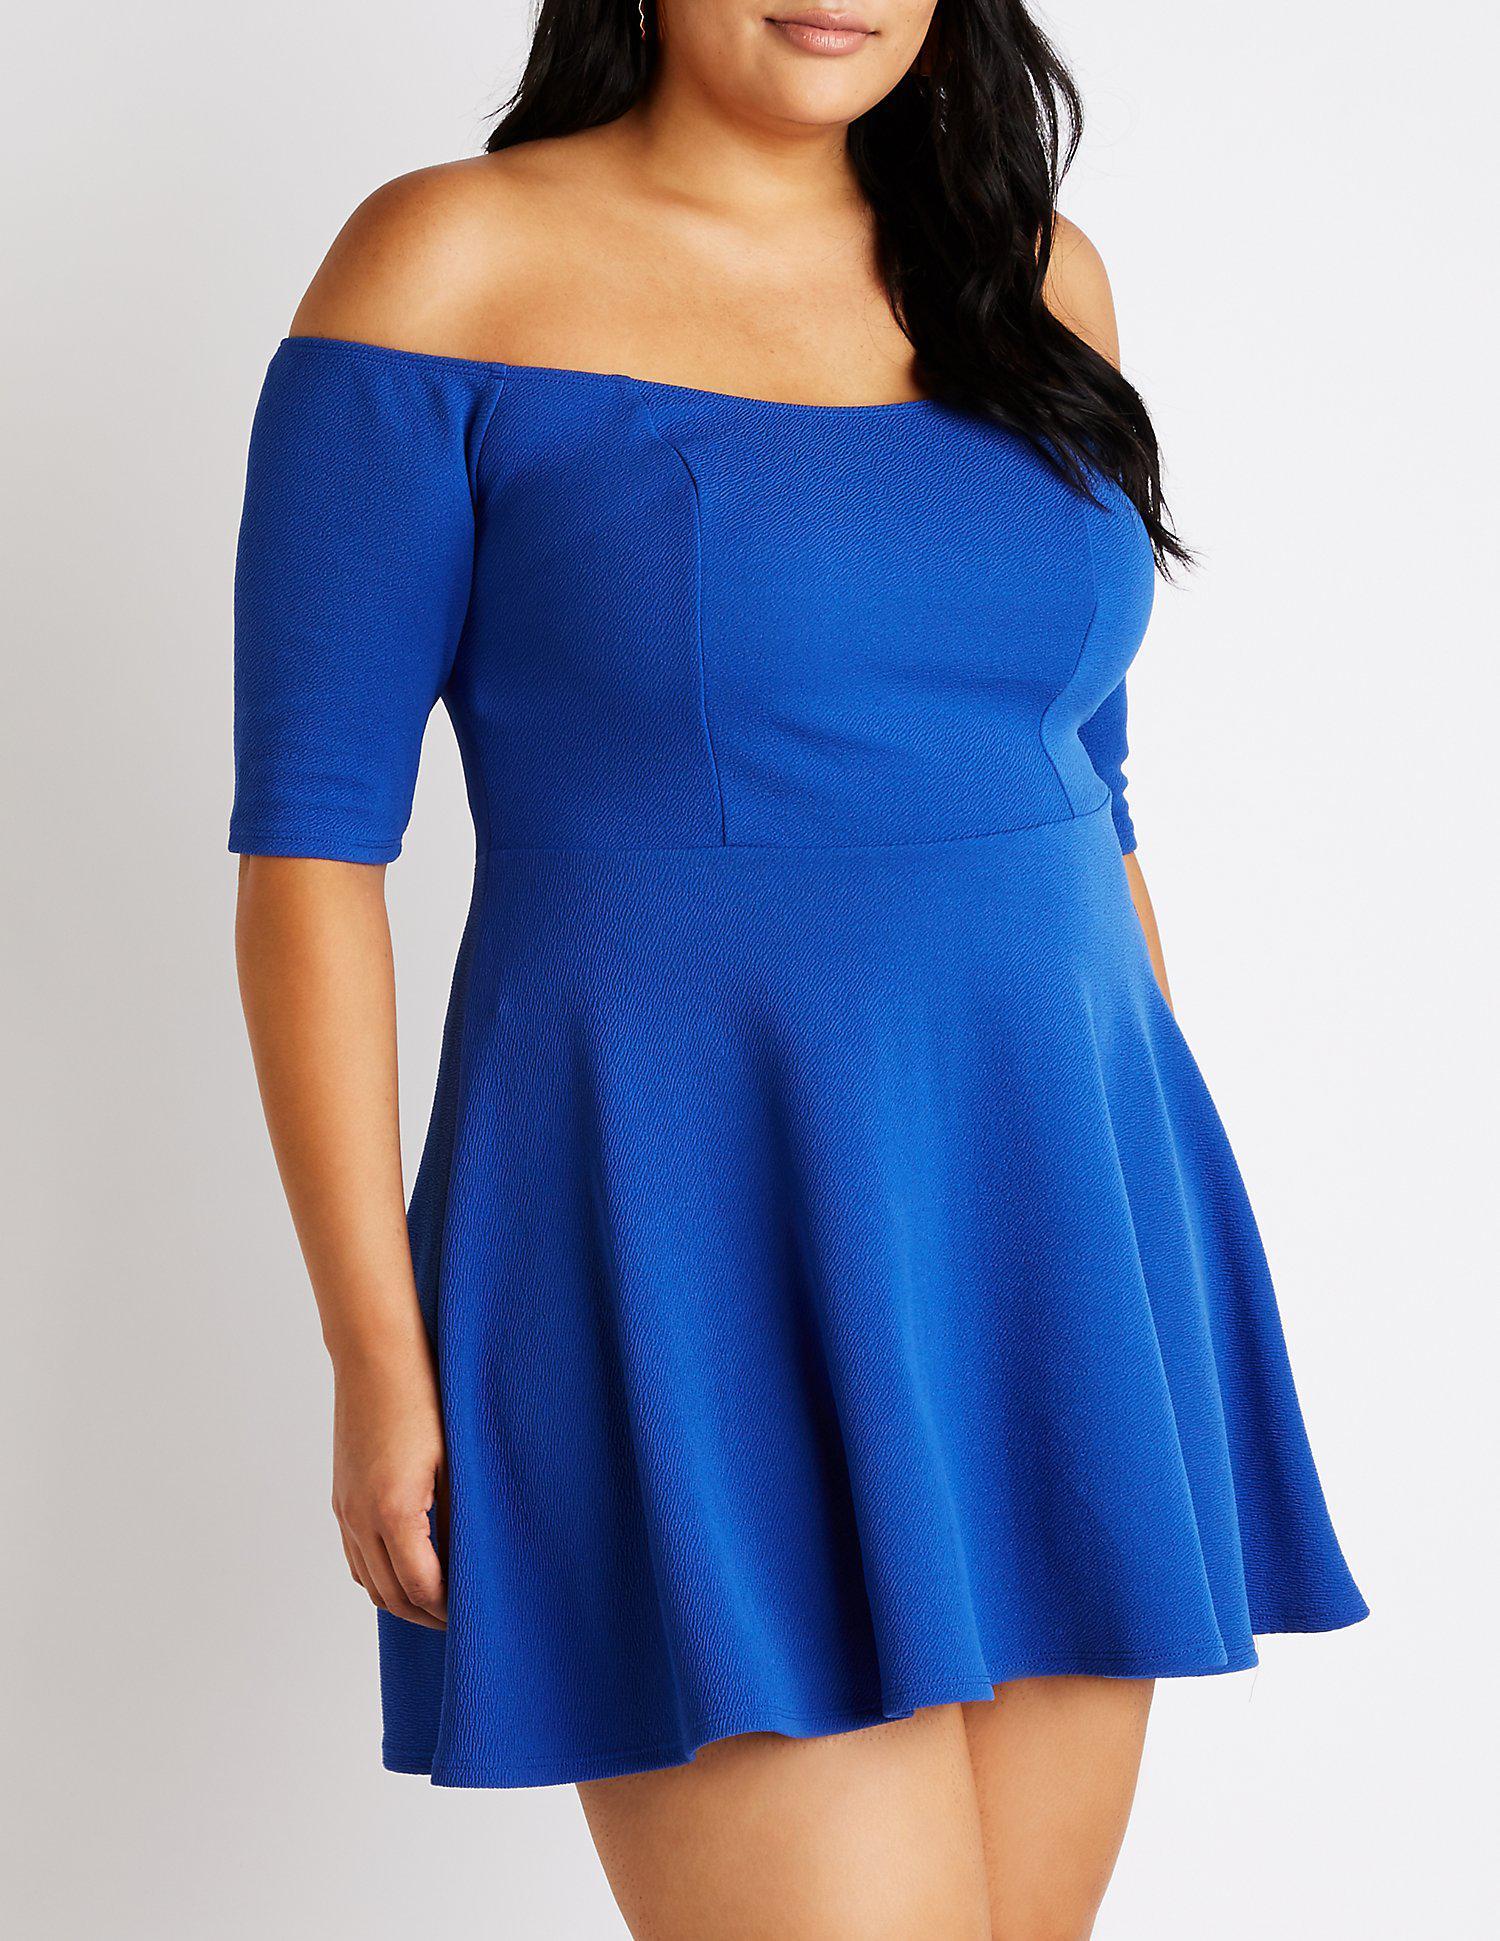 3efcf134cdc Lyst - Charlotte Russe Plus Size Off The Shoulder Skater Dress in Blue